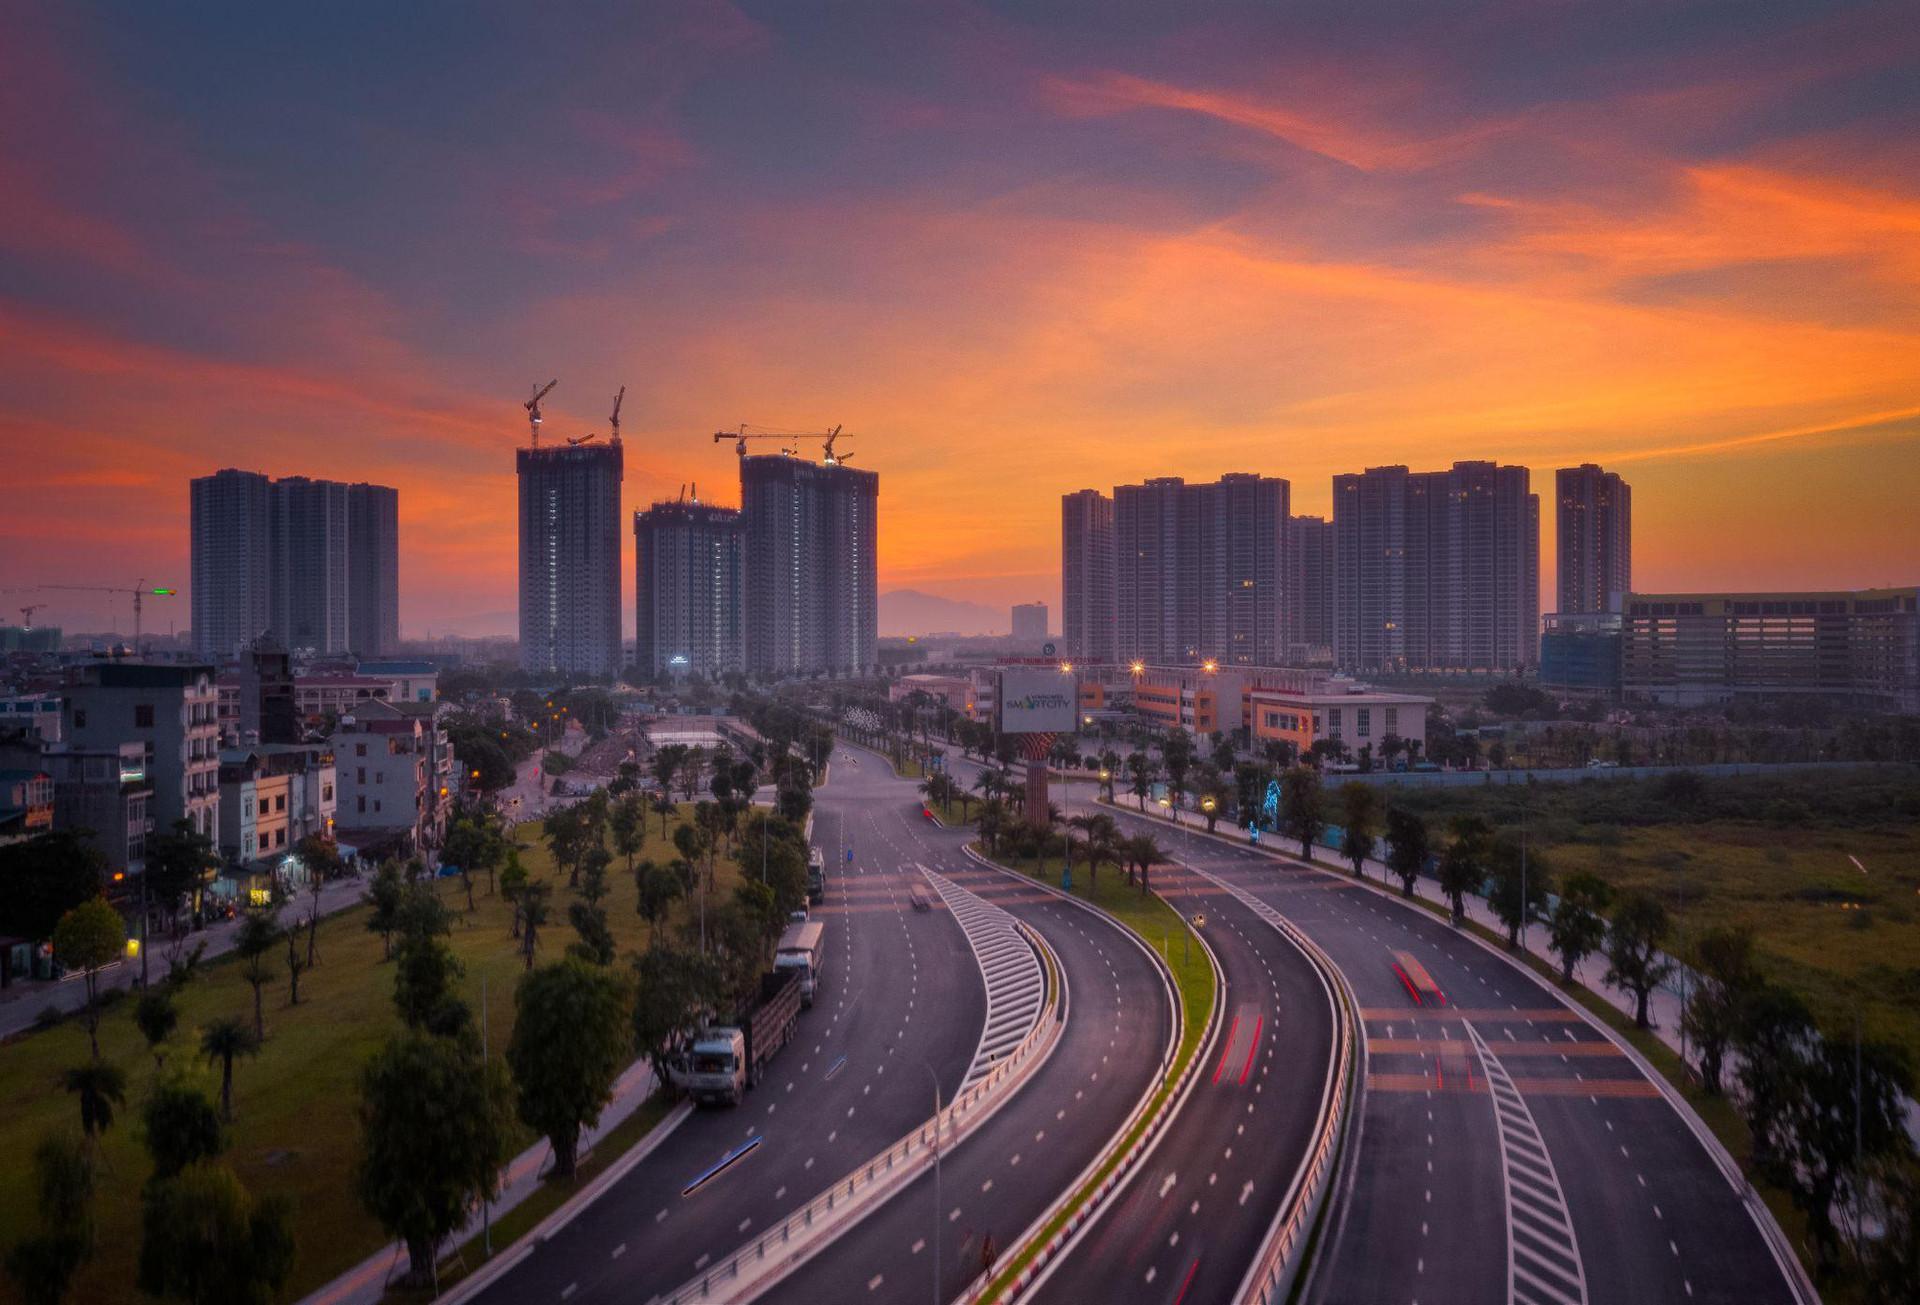 Hà Nội và cuộc đại dịch chuyển tạo nên những trung tâm mới của thủ đô - Ảnh 5.